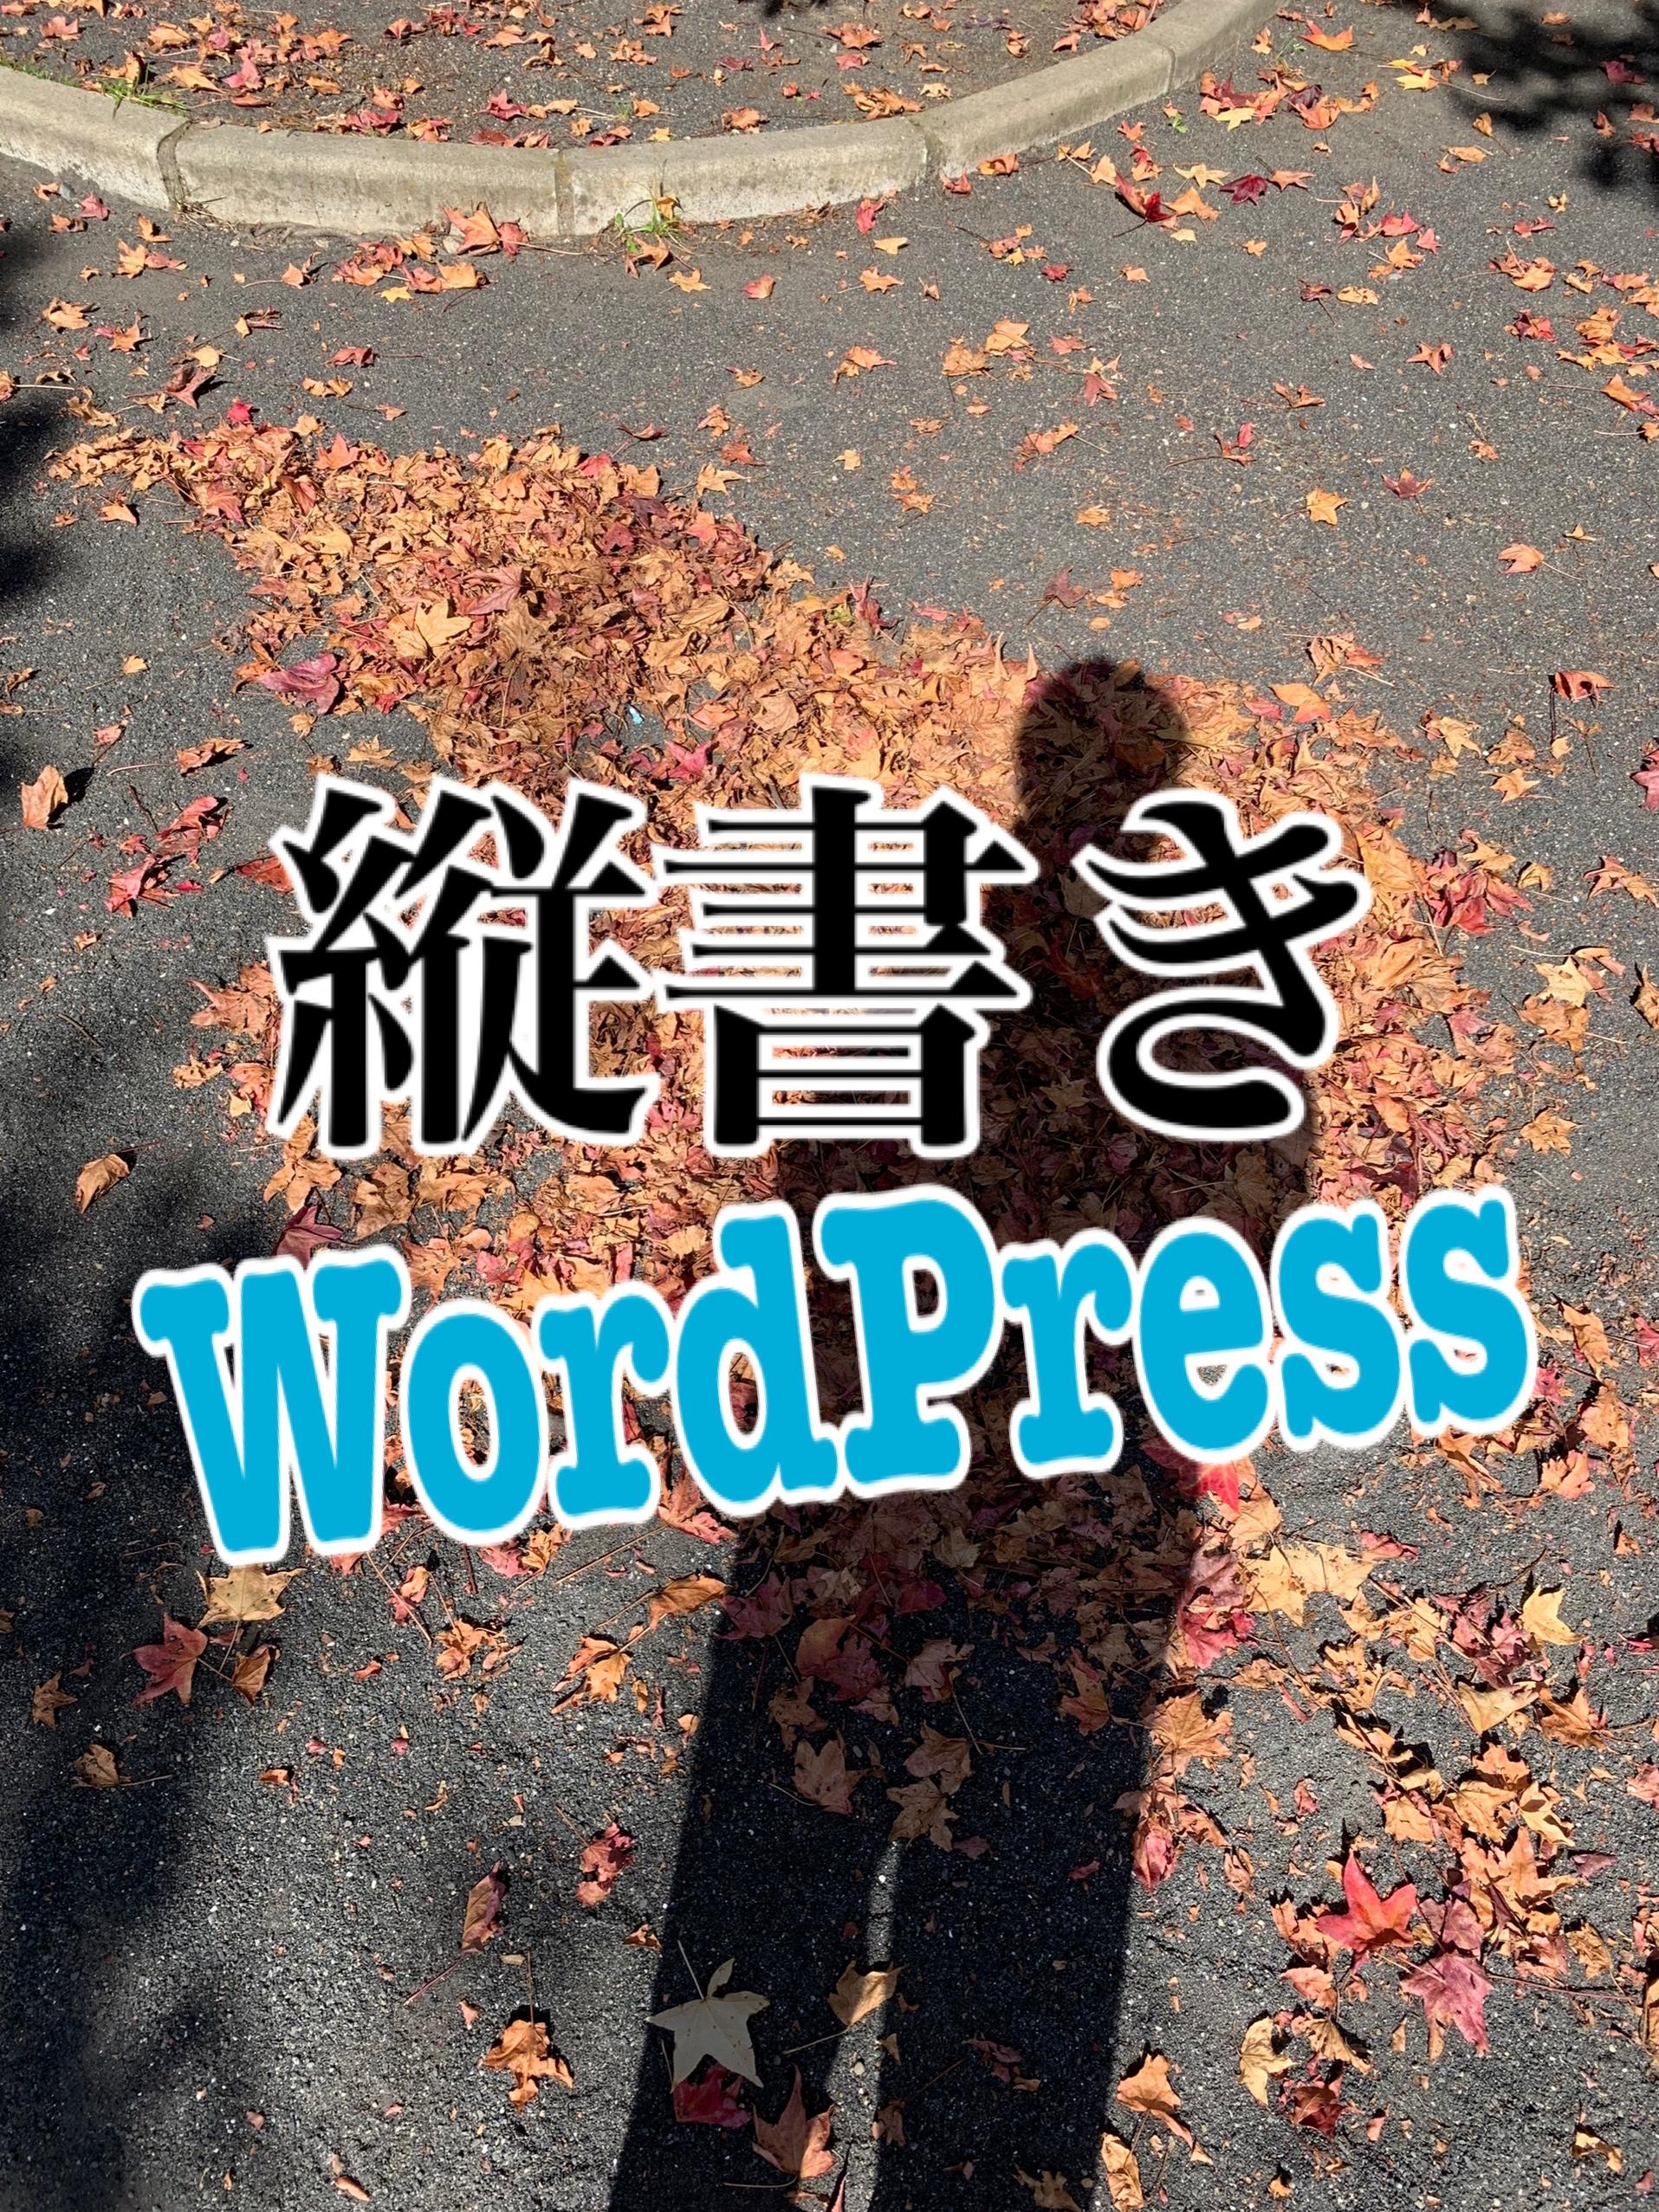 楓の陰(縦書き)/ WordPressの記事を縦書きにする方法